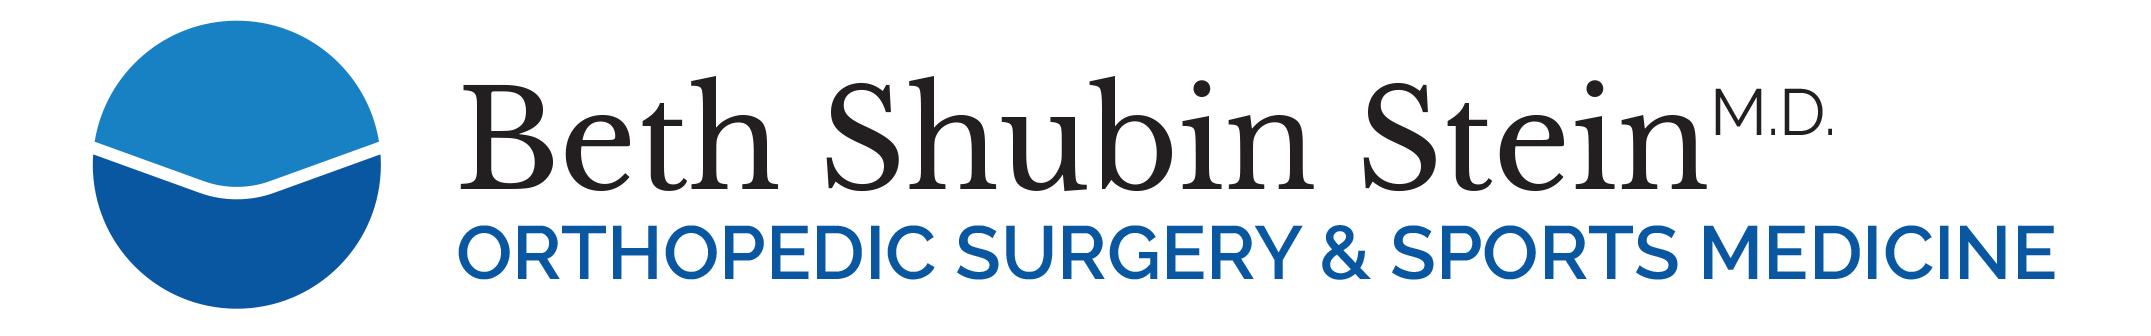 Dr. Beth E. Shubin Stein M.D.